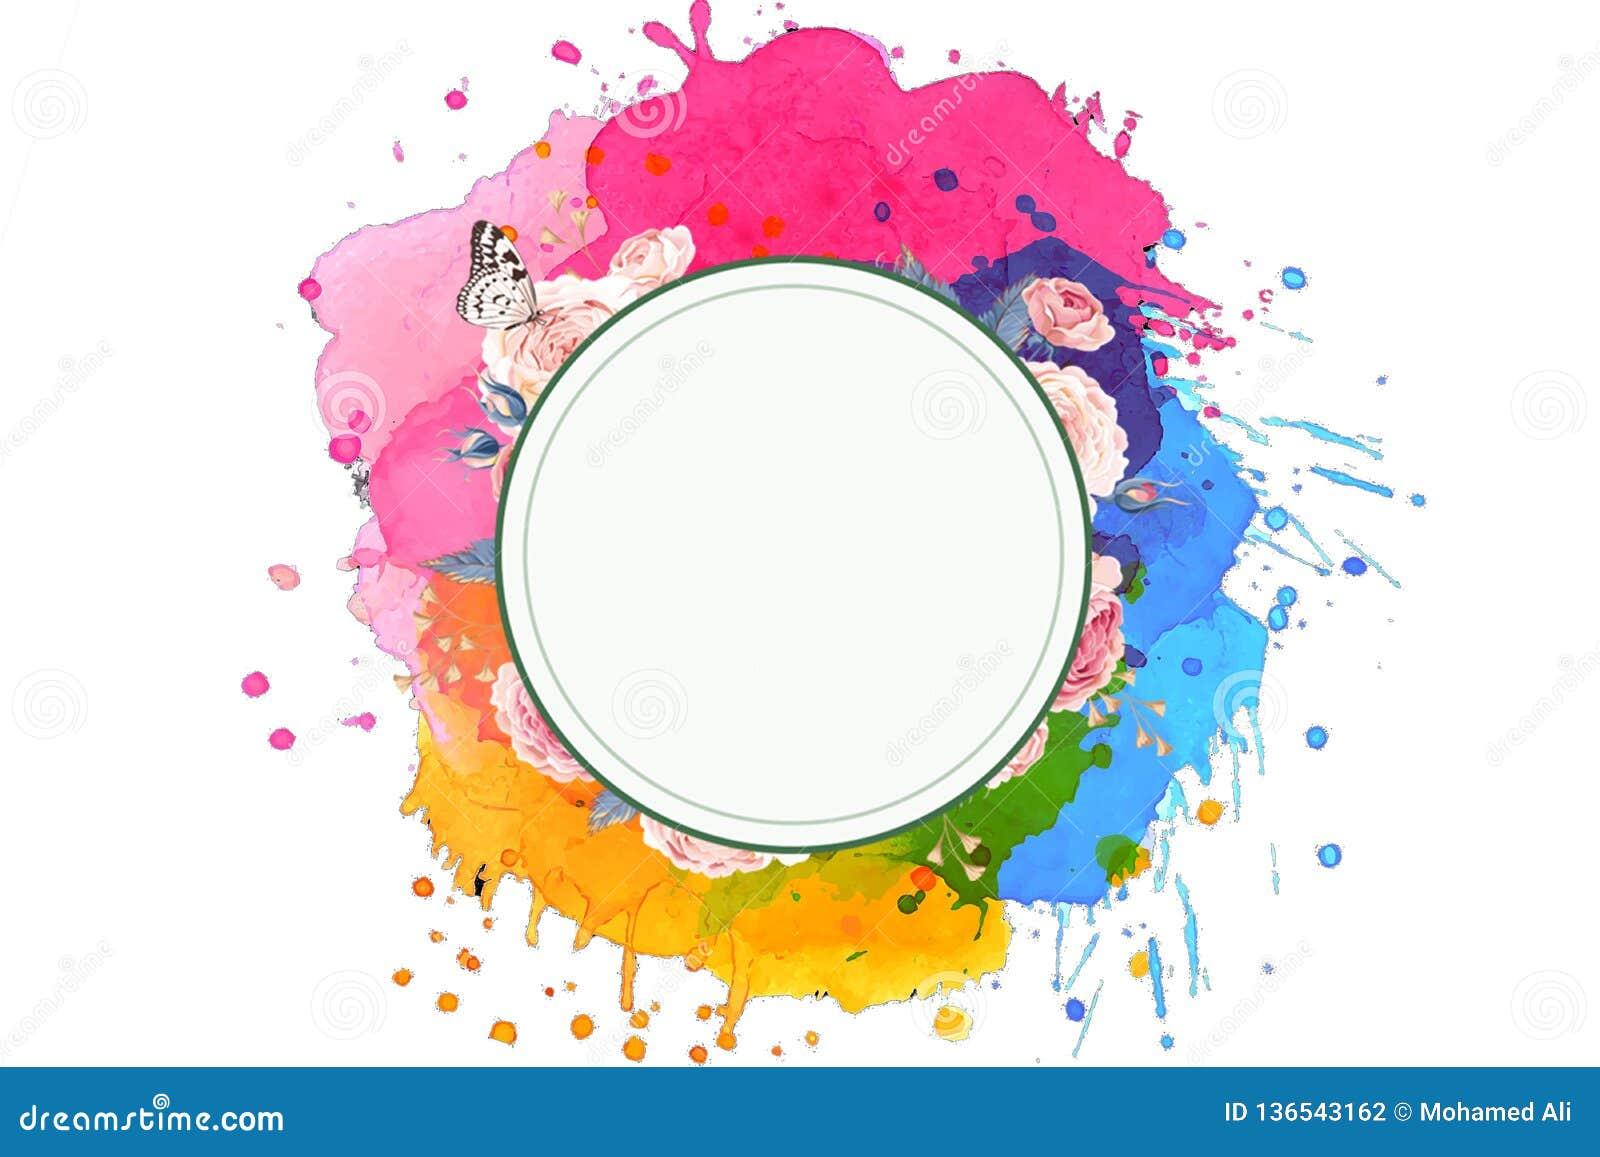 Artistieke Abstracte Multicolored Unieke Reeks Kleuren met een Gloeiende Cirkel op een Witte Achtergrond